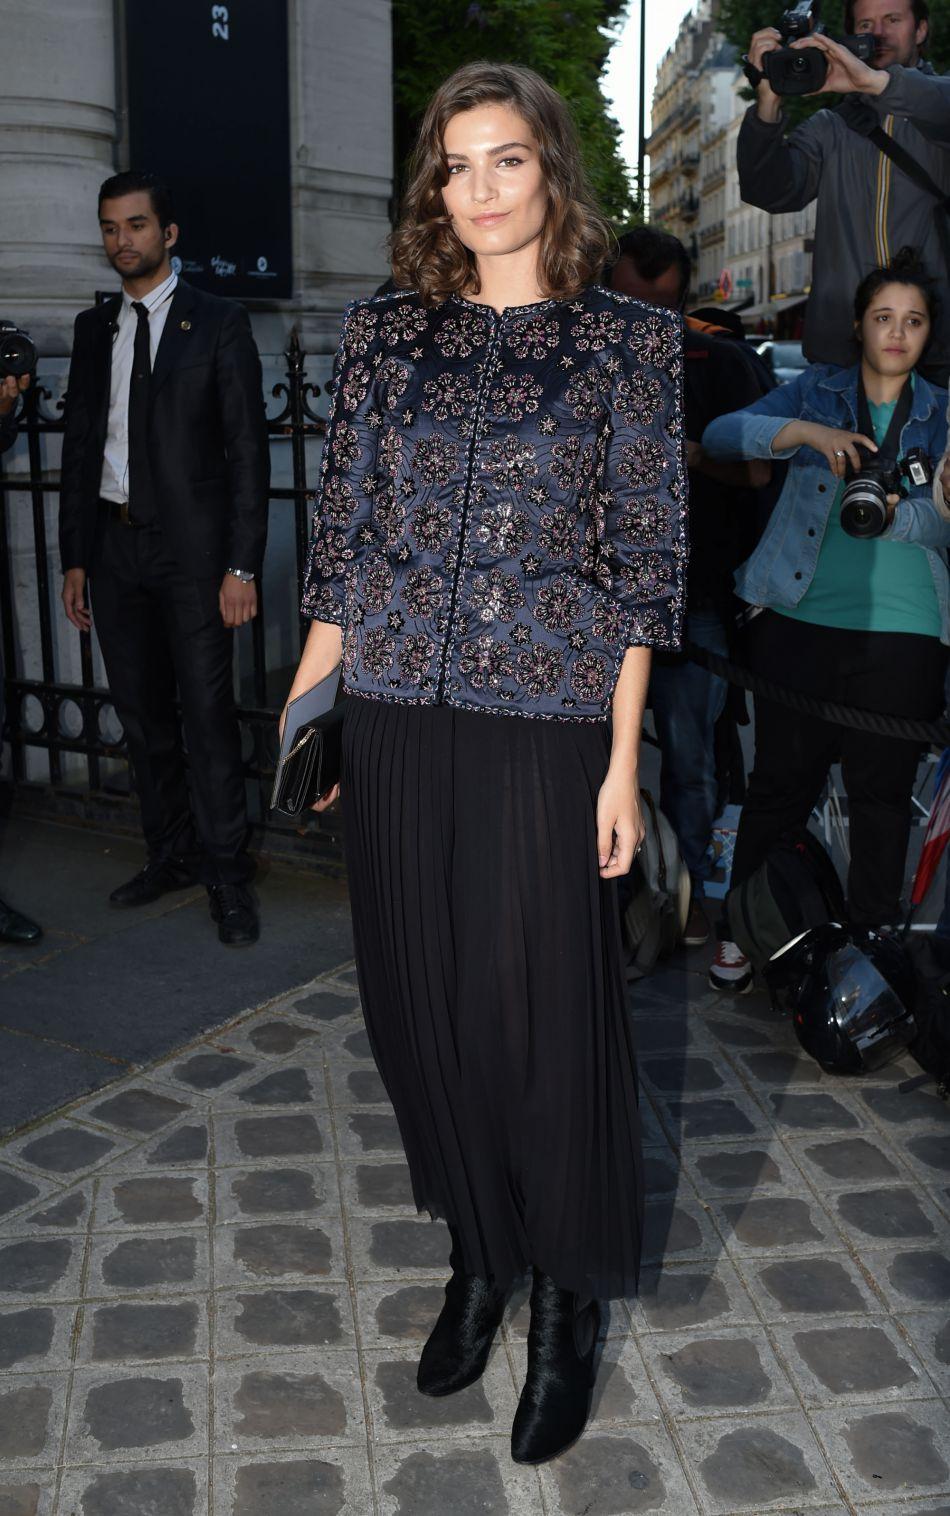 Alma Jodorowsky mixe veste à imprimés et jupe plissée pour se rendre au Palais Galliera.